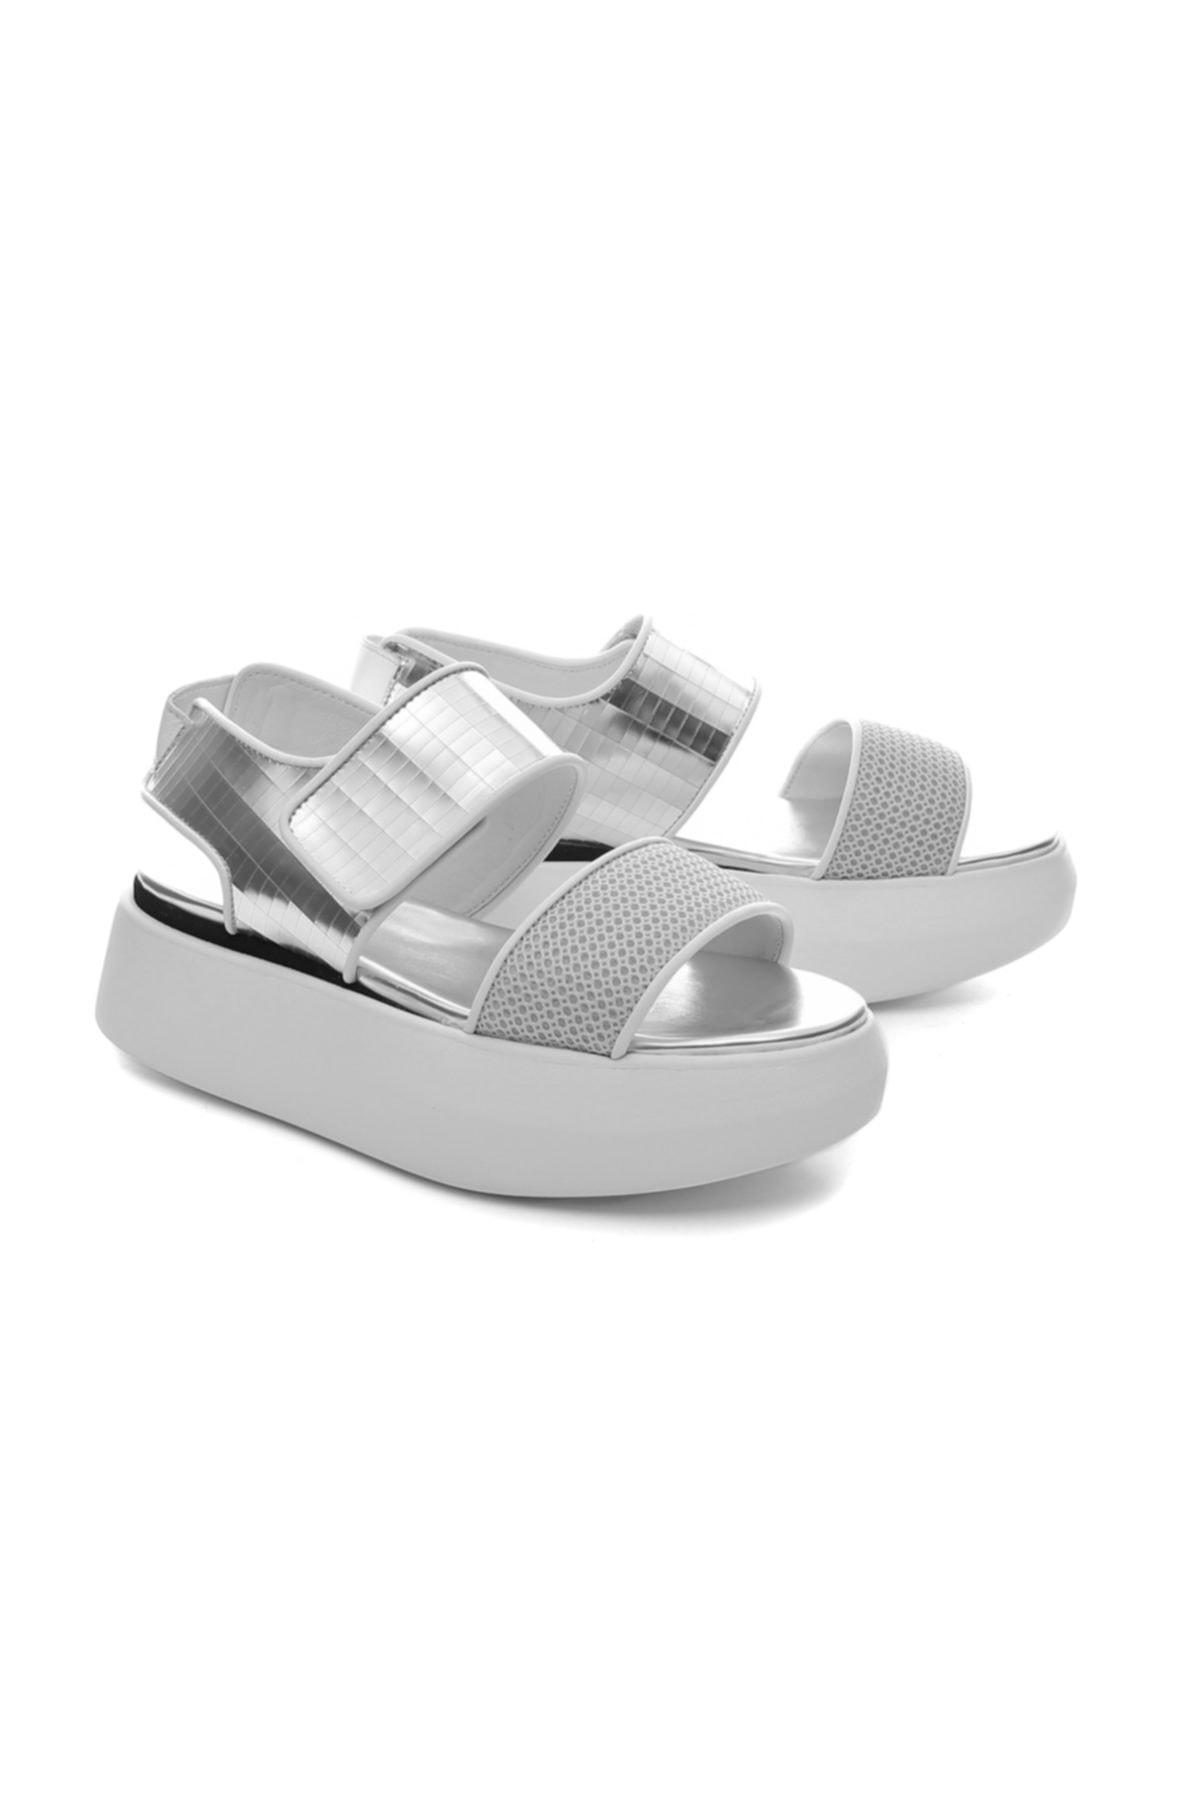 ALBERTO GUARDIANI Kadın Sandalet 1AGUW2018009 2